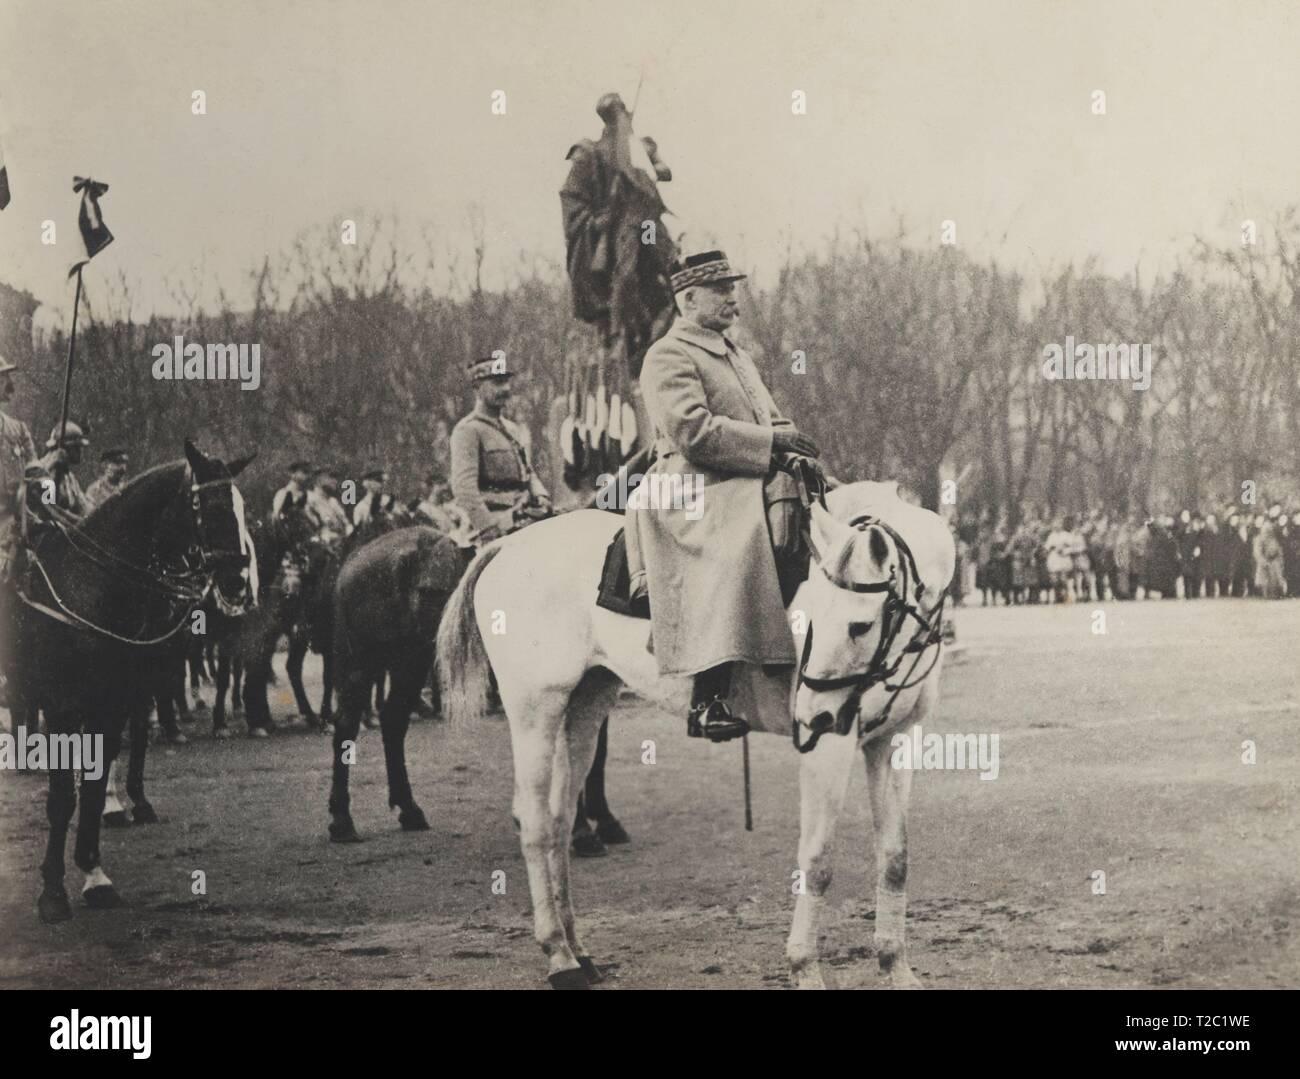 Francia. Primera guerra mundial (1914-1918). El mariscal Henri Philippe Pétain (1856-1951) asistiendo al desfile de las tropas francesas a su entrada en la villa de Metz. - Stock Image